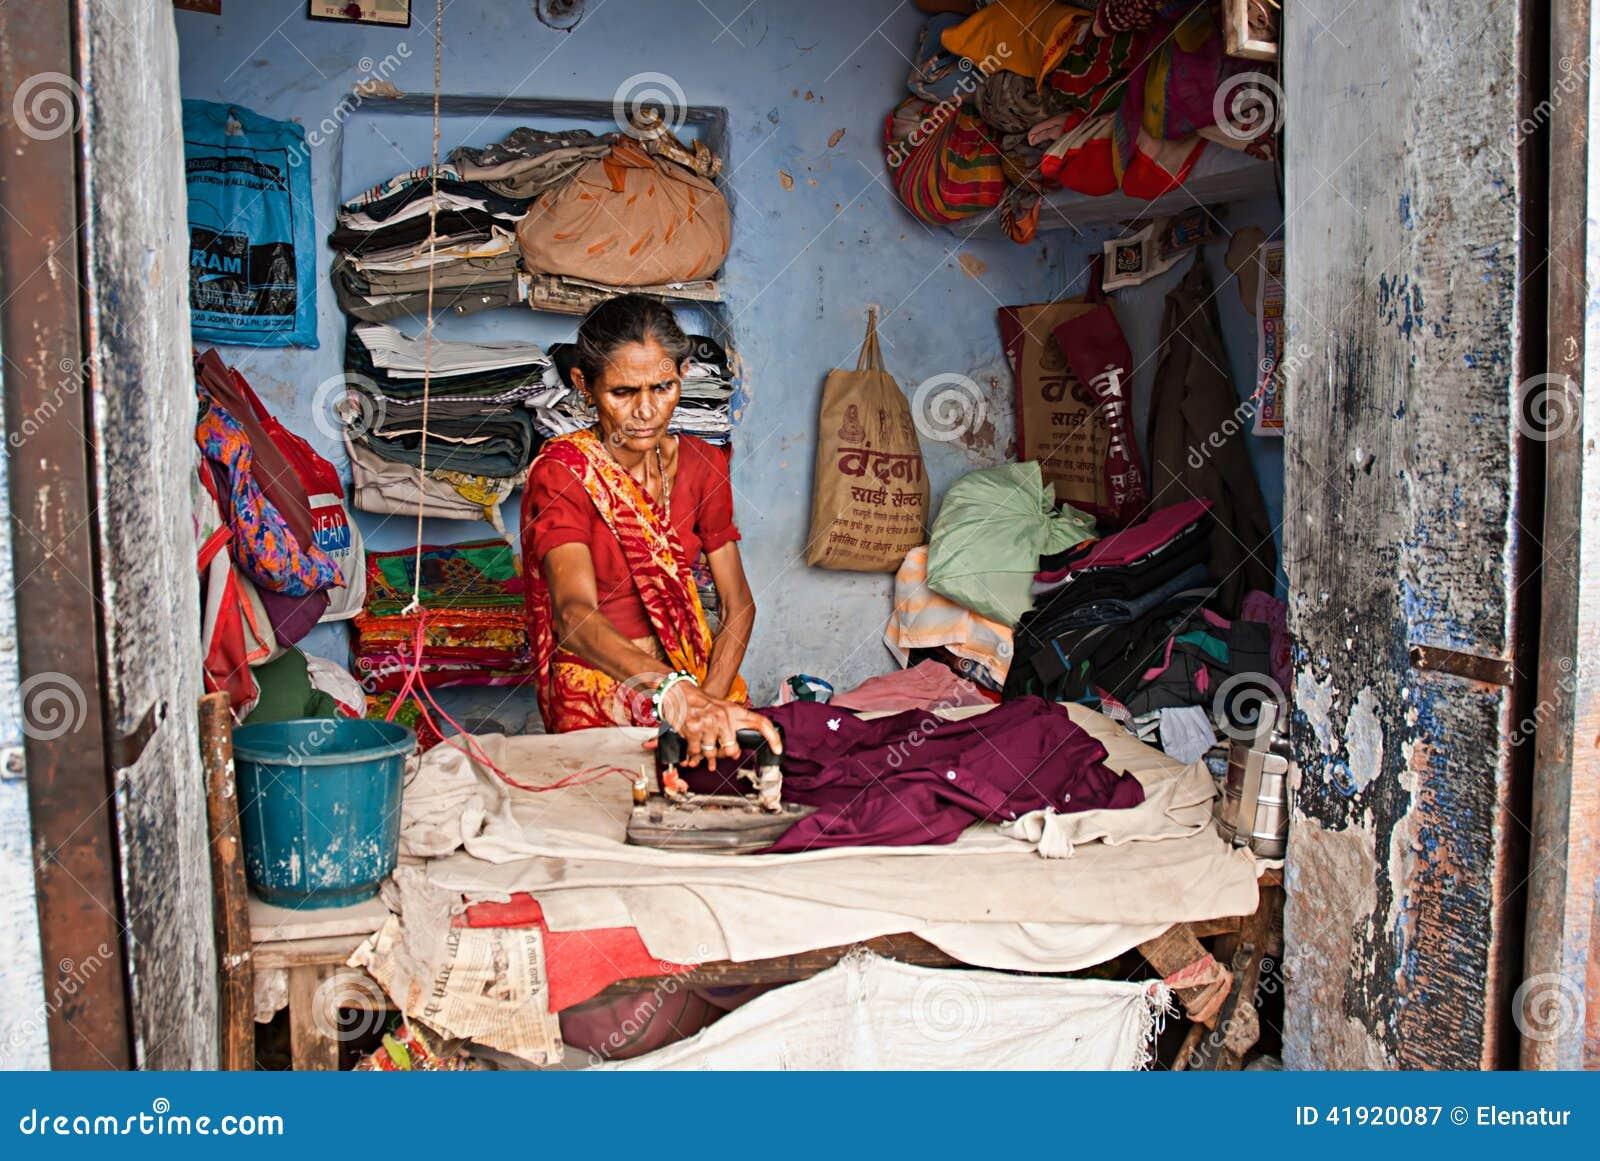 JODHPUR, INDIEN - SEPT. 21: Arbeiten Sie an der Straße, die indische Frau